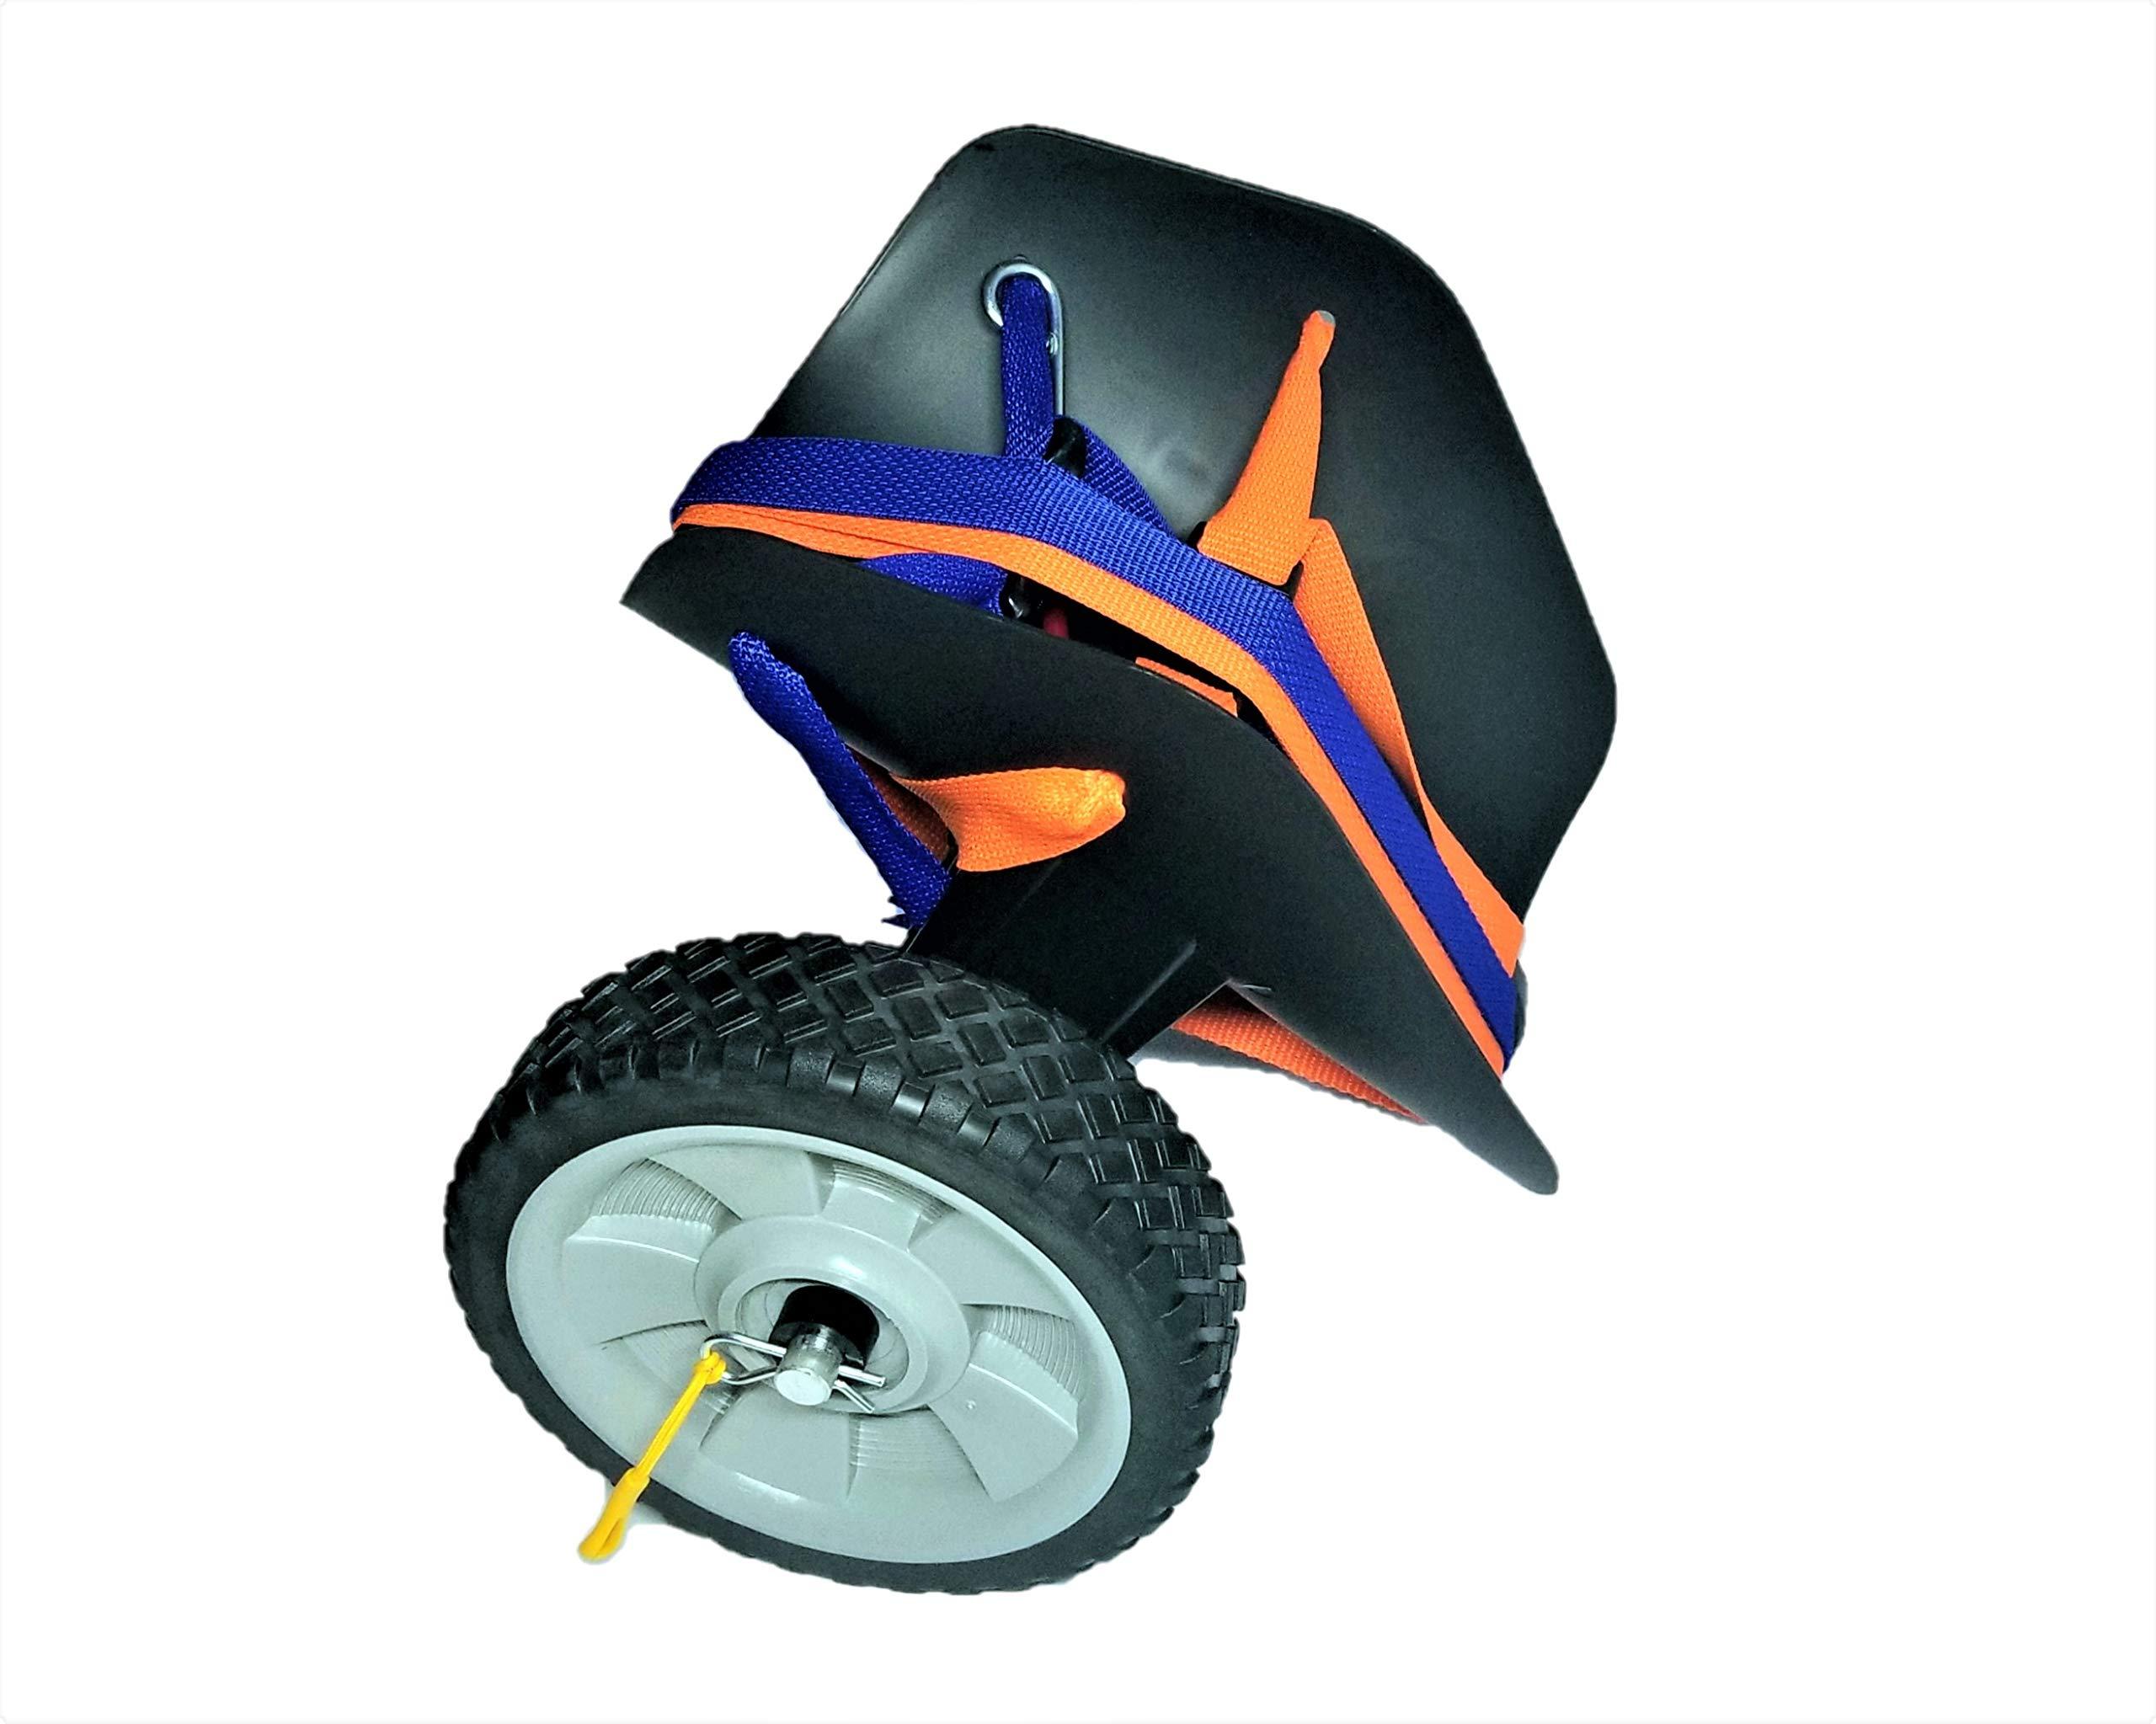 KAYAK CART 7-Kayak cart or dolly to transport kayak with wheels by THEKAYAKCART